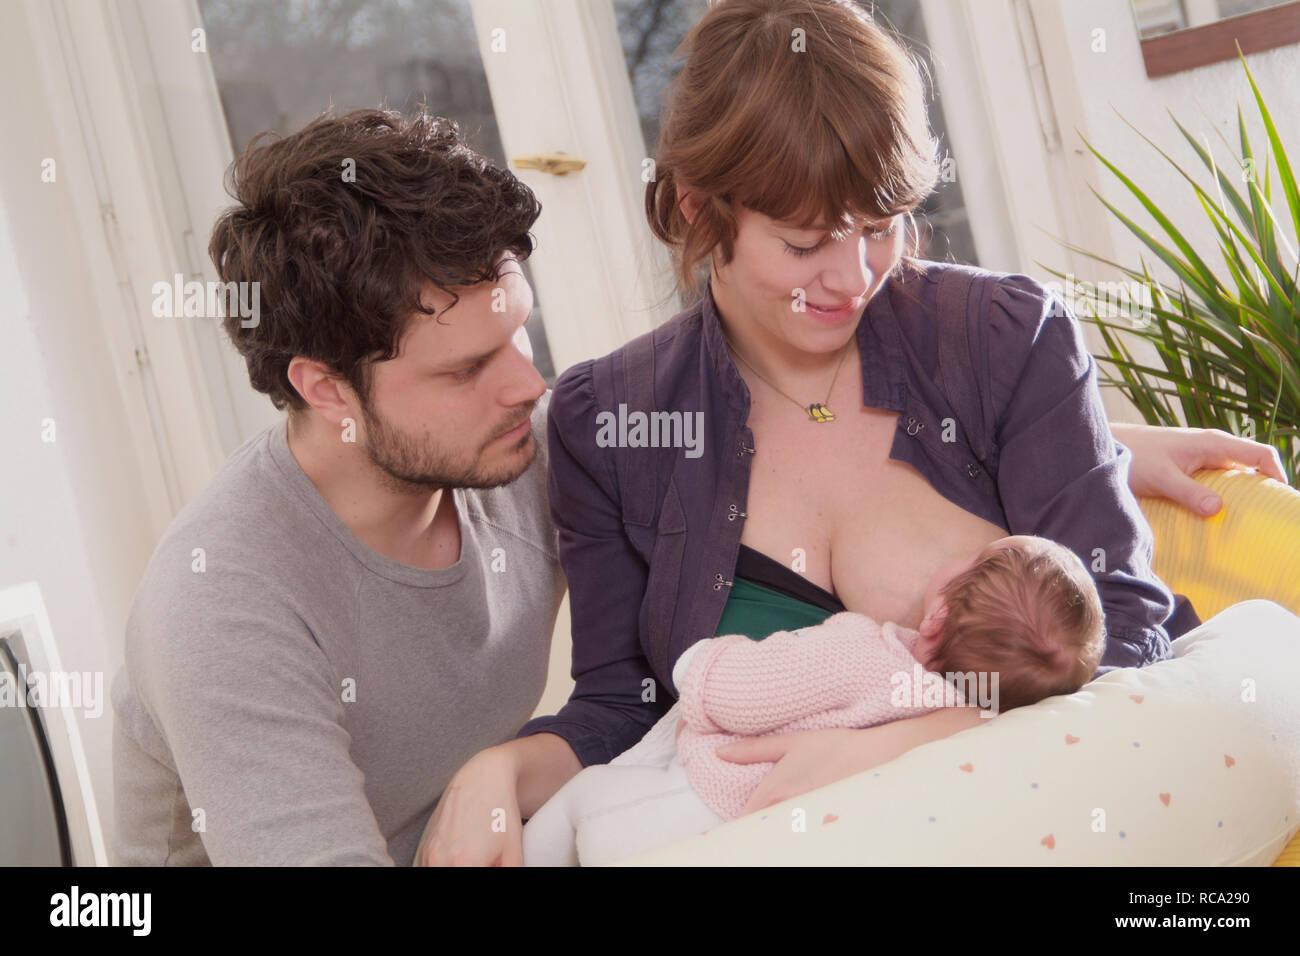 Junge Eltern beim Stillen ihrer neugeborenen Tochter, das Kind ist 12 Tage alt | young parents nursing their new born baby - the baby ist 12 days old. Stock Photo